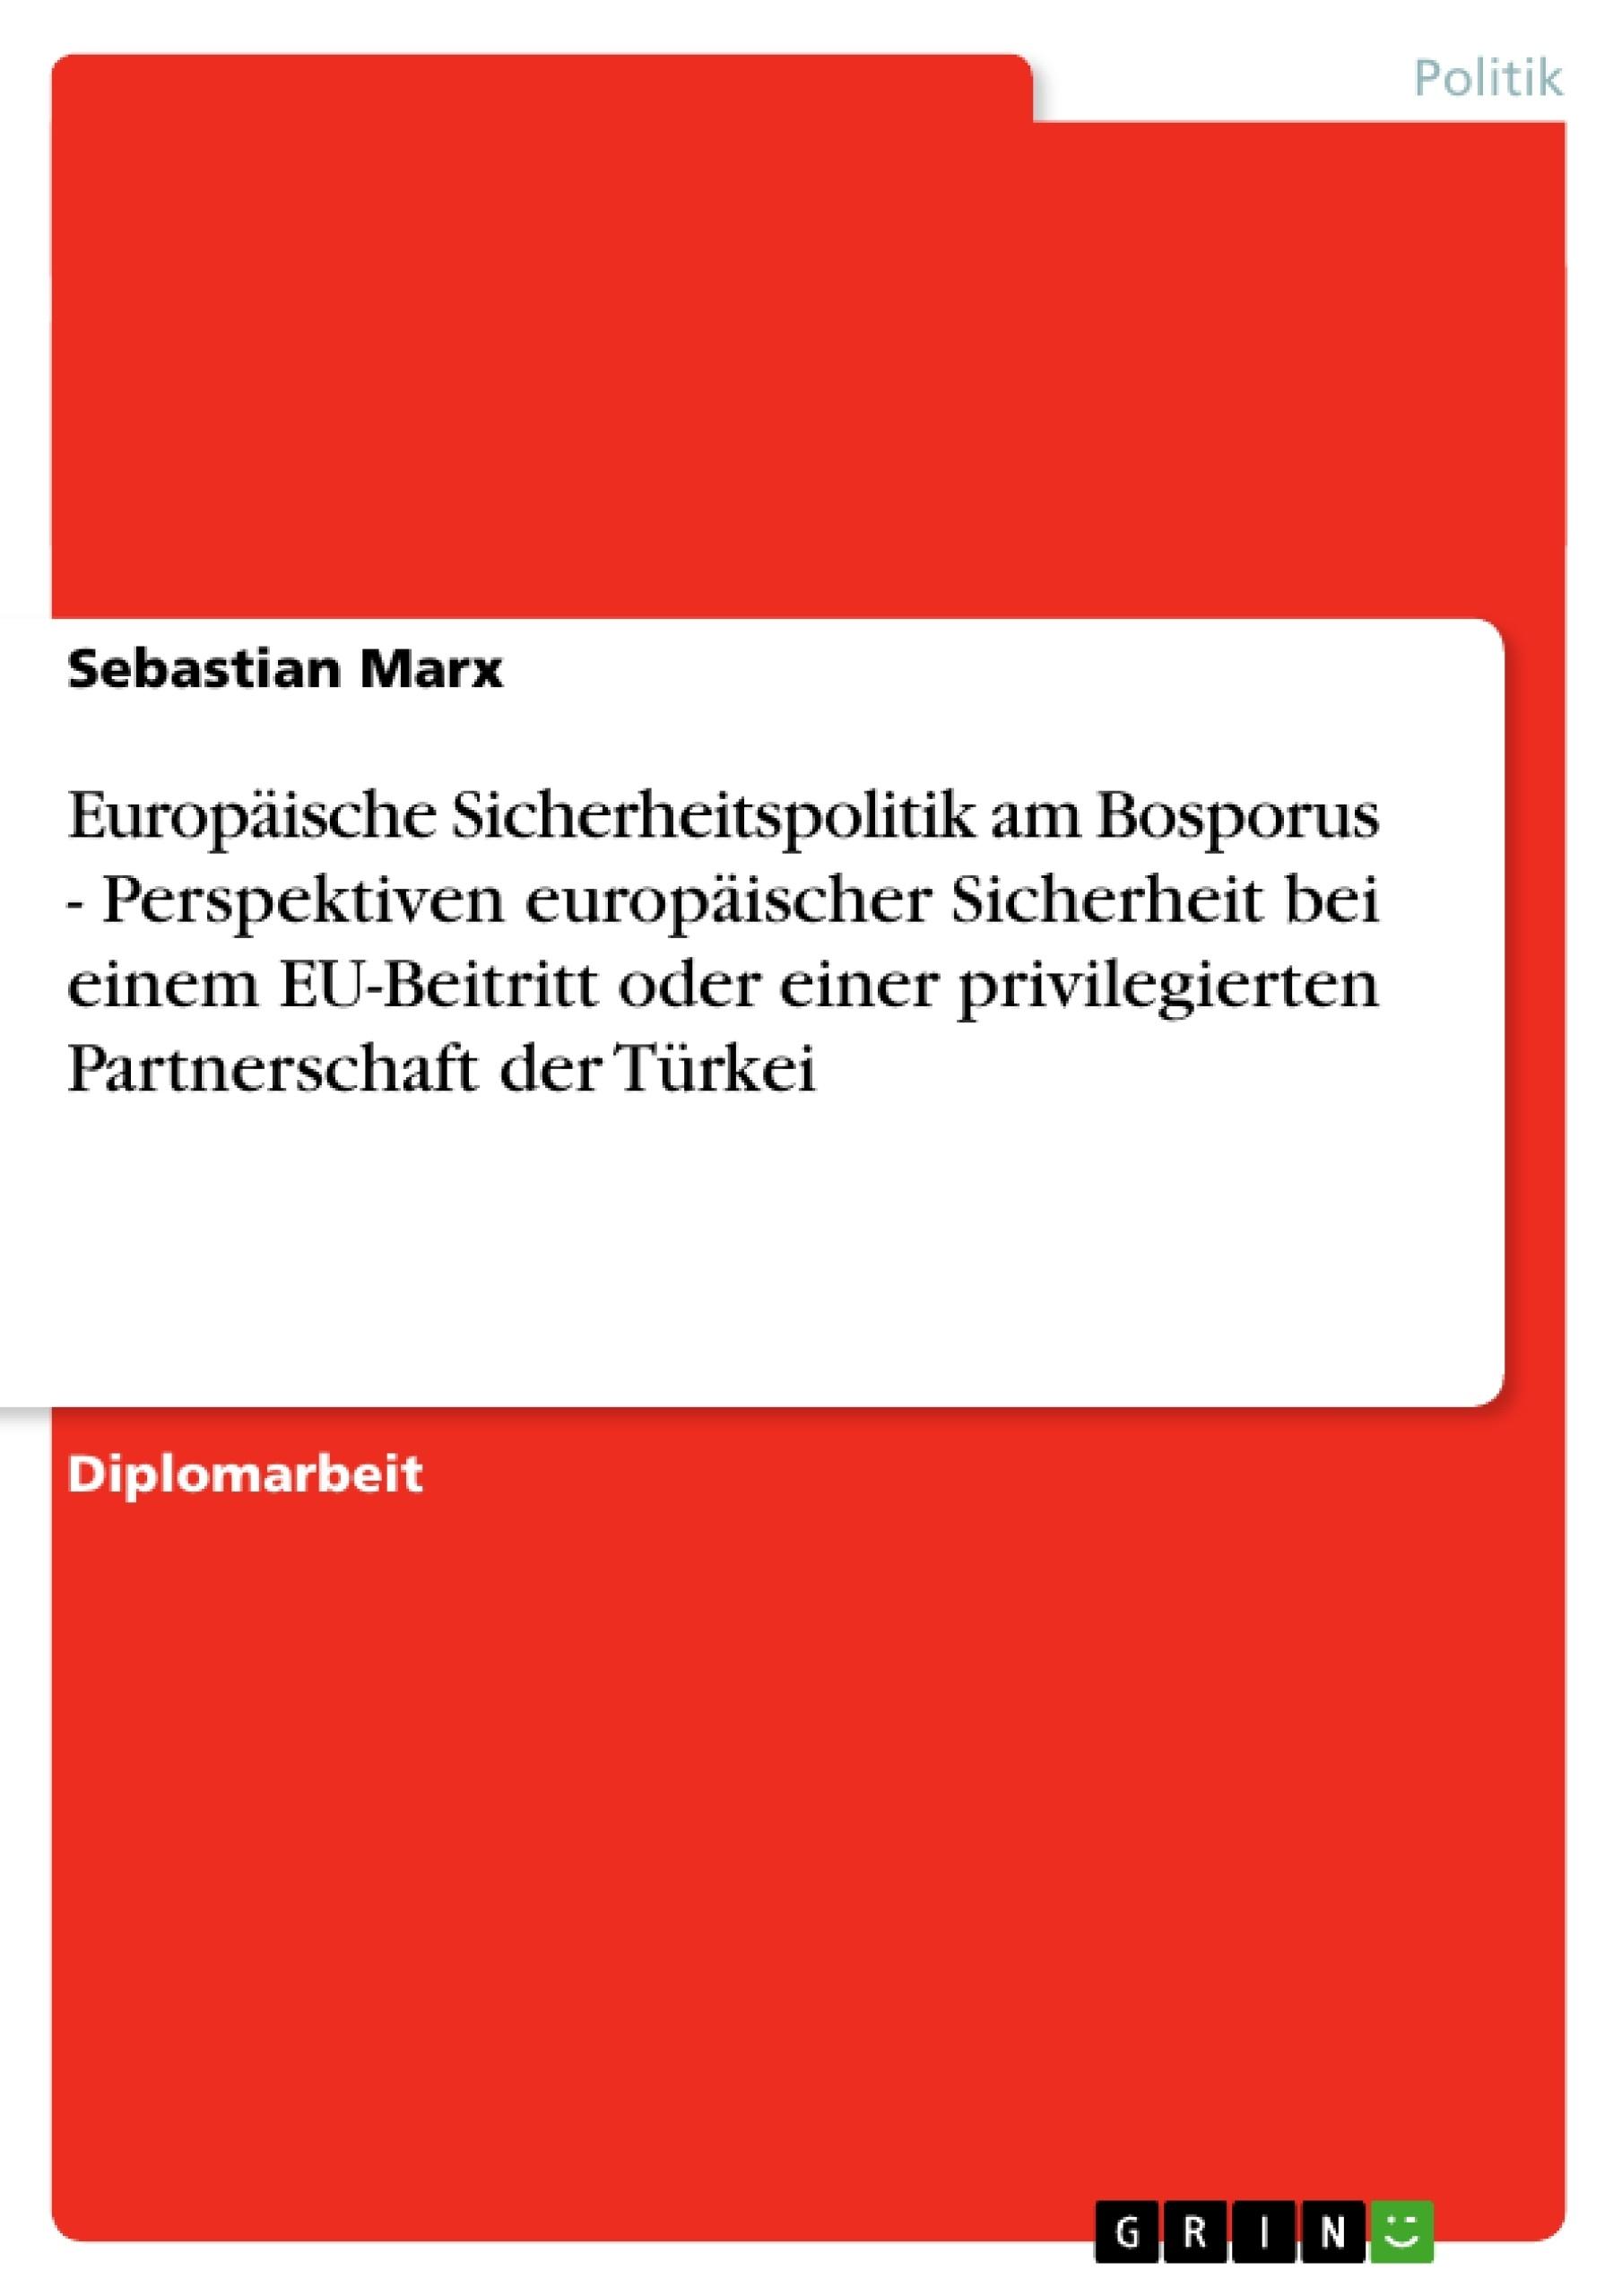 Titel: Europäische Sicherheitspolitik am Bosporus - Perspektiven europäischer Sicherheit bei einem EU-Beitritt oder einer privilegierten Partnerschaft der Türkei